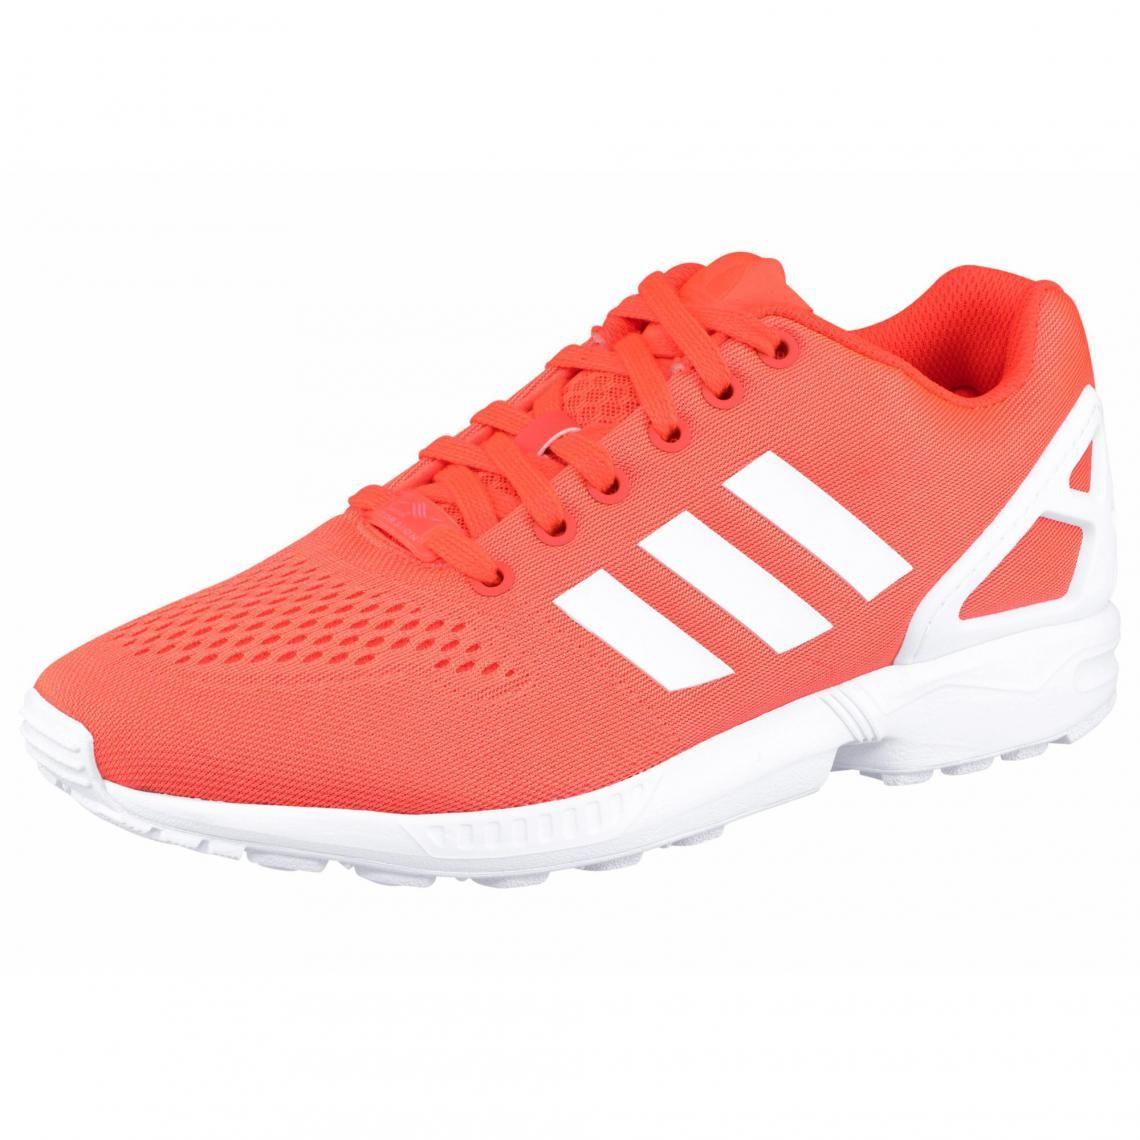 adidas Originals ZX Flux EM chaussures de running homme